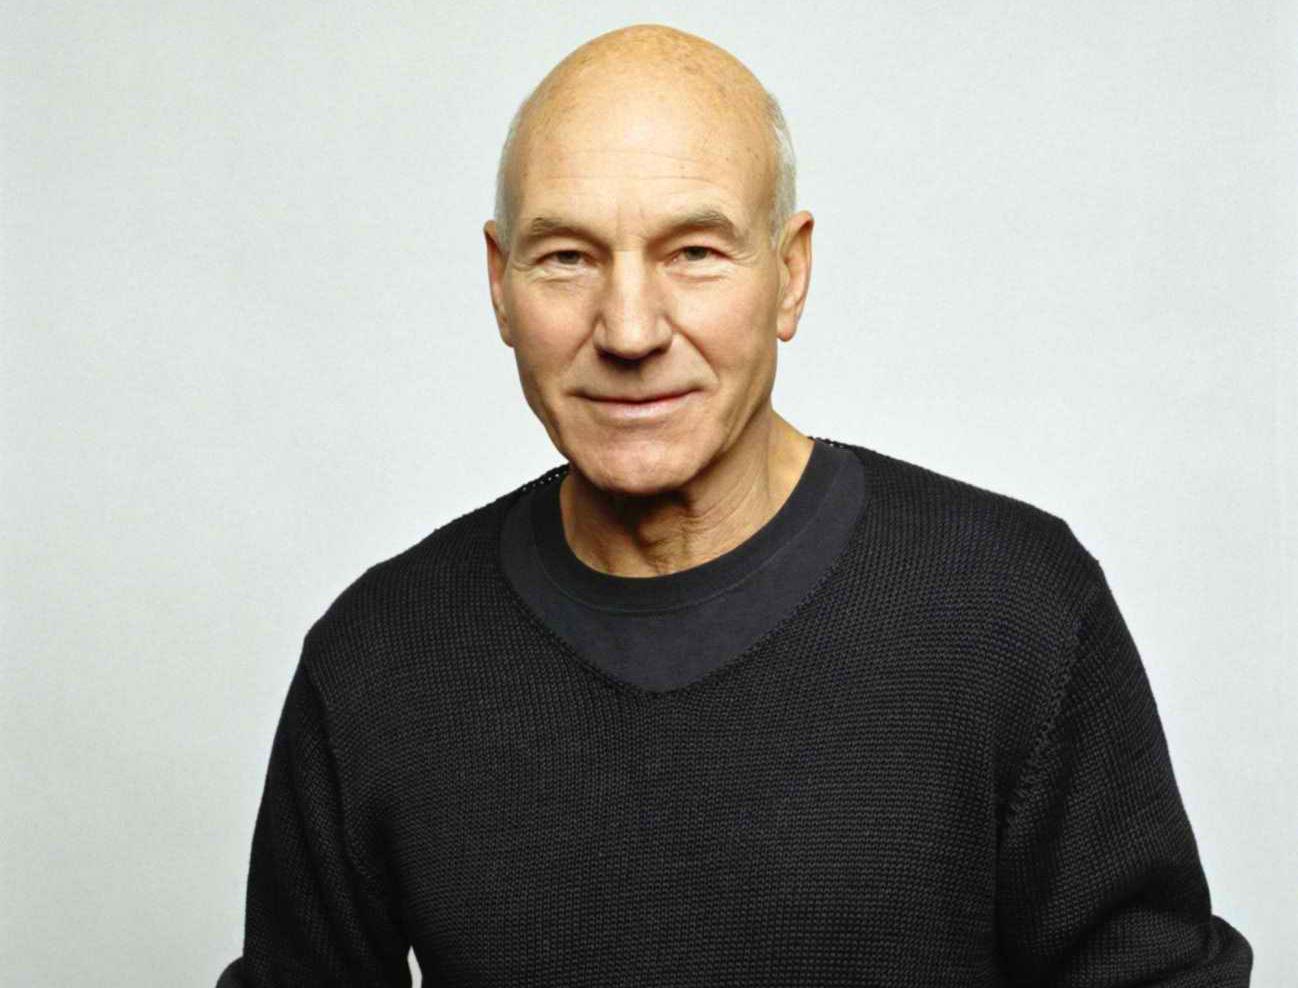 Foto: http://www.imdb.com/